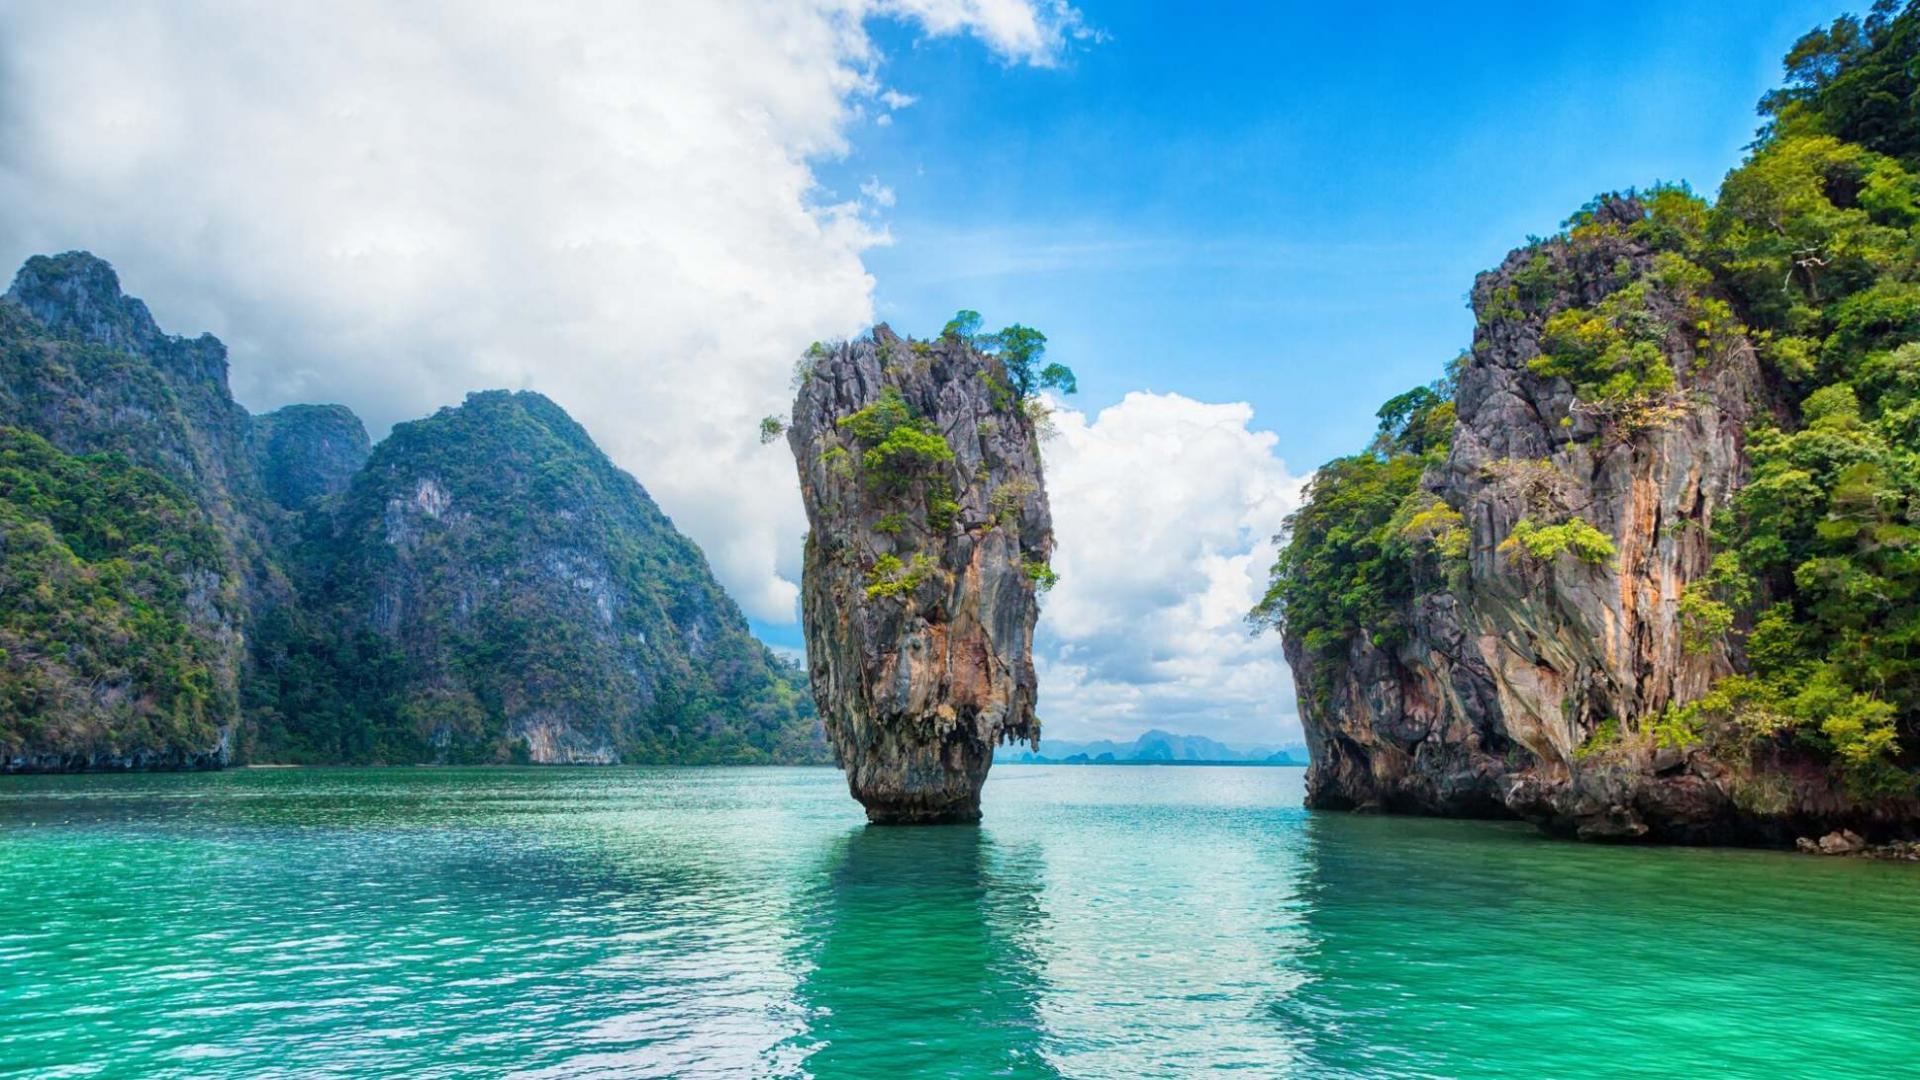 Įspūdingi gamtos stebuklai Phang Nga įlankoje